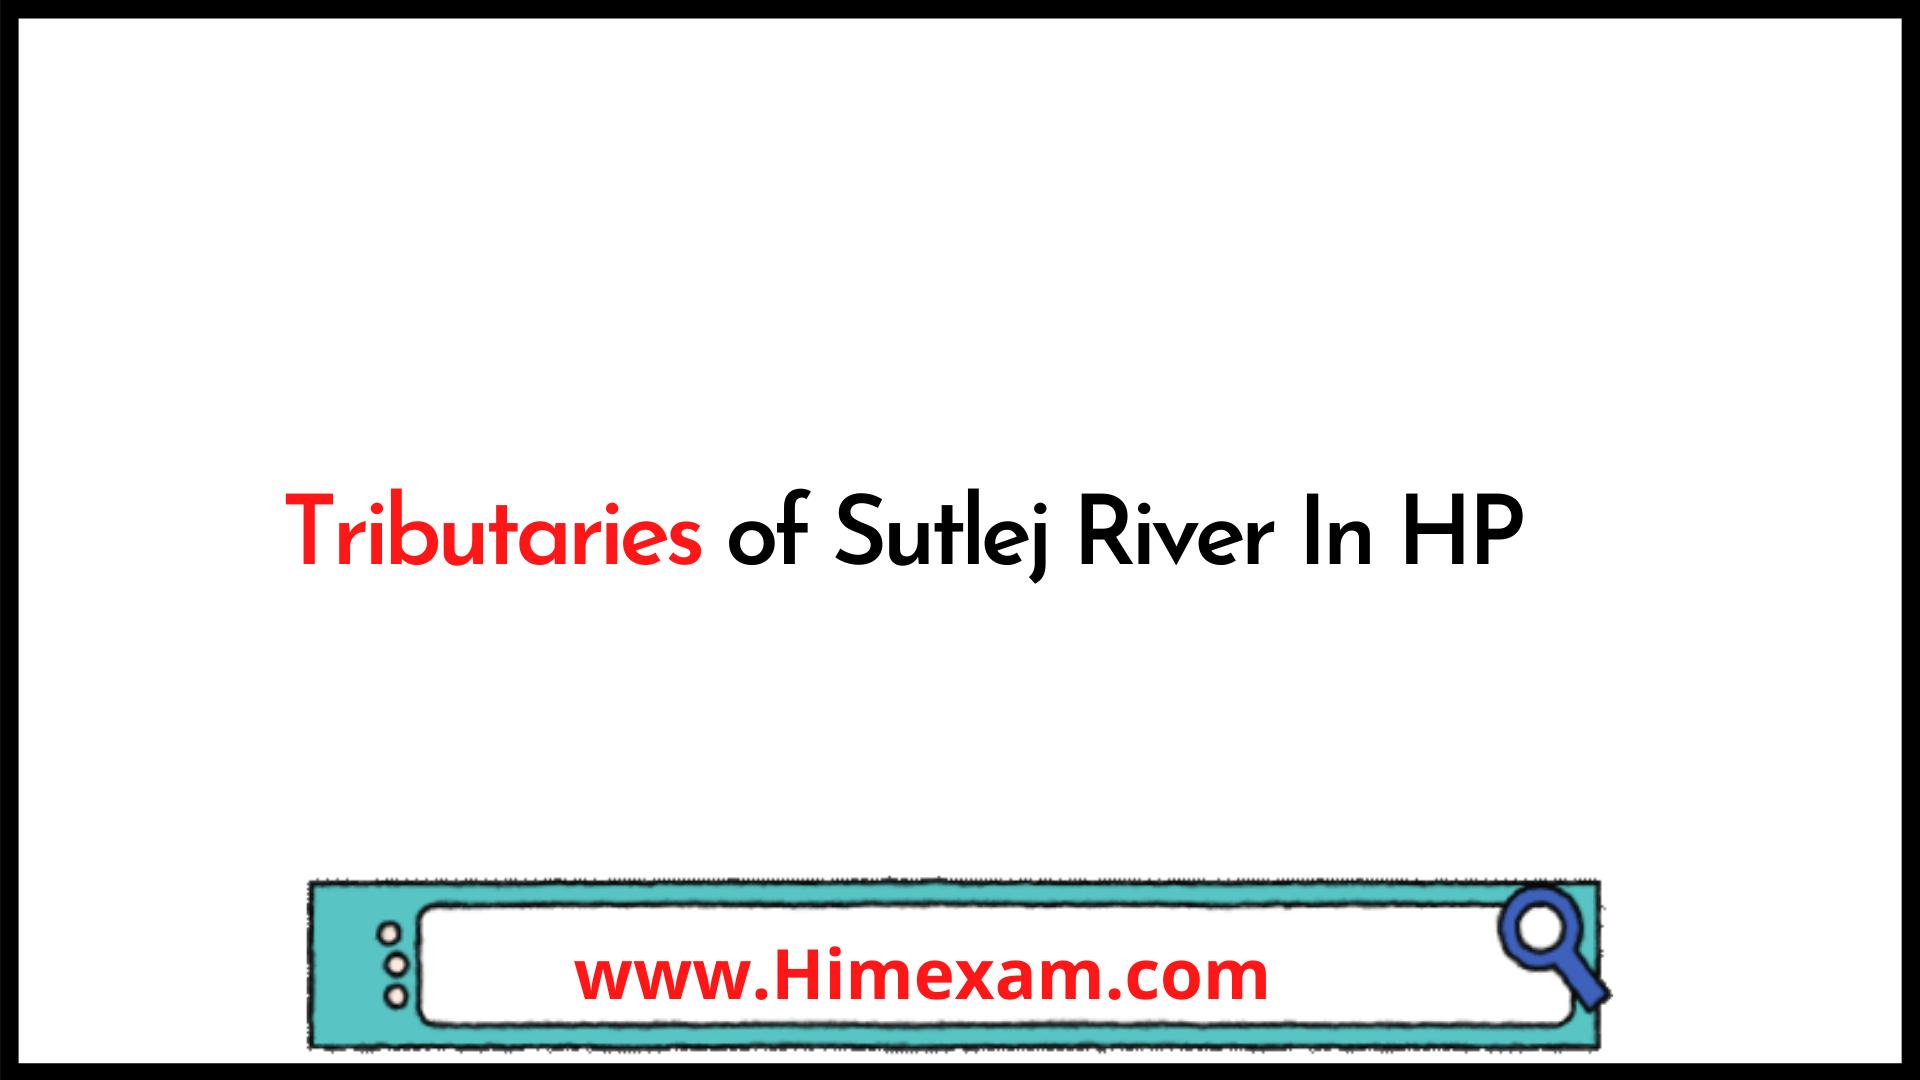 Tributaries of Sutlej River In HP